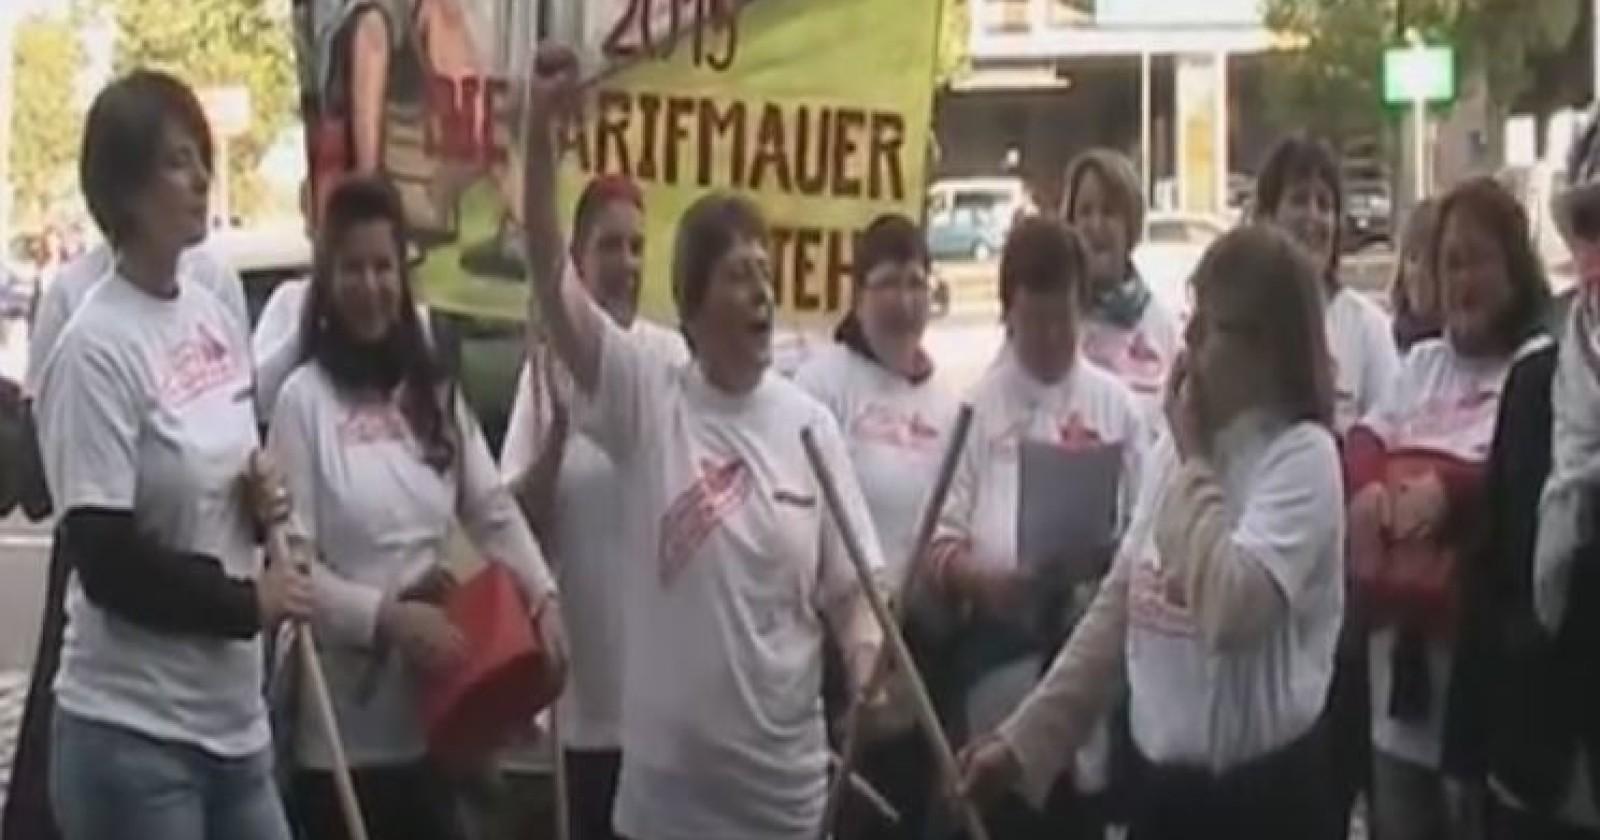 Video: Kolleginnen der Region SATS machen am Flughafen Leipzig/Halle aufmerksam auf Probleme in der Gebäudereinigung